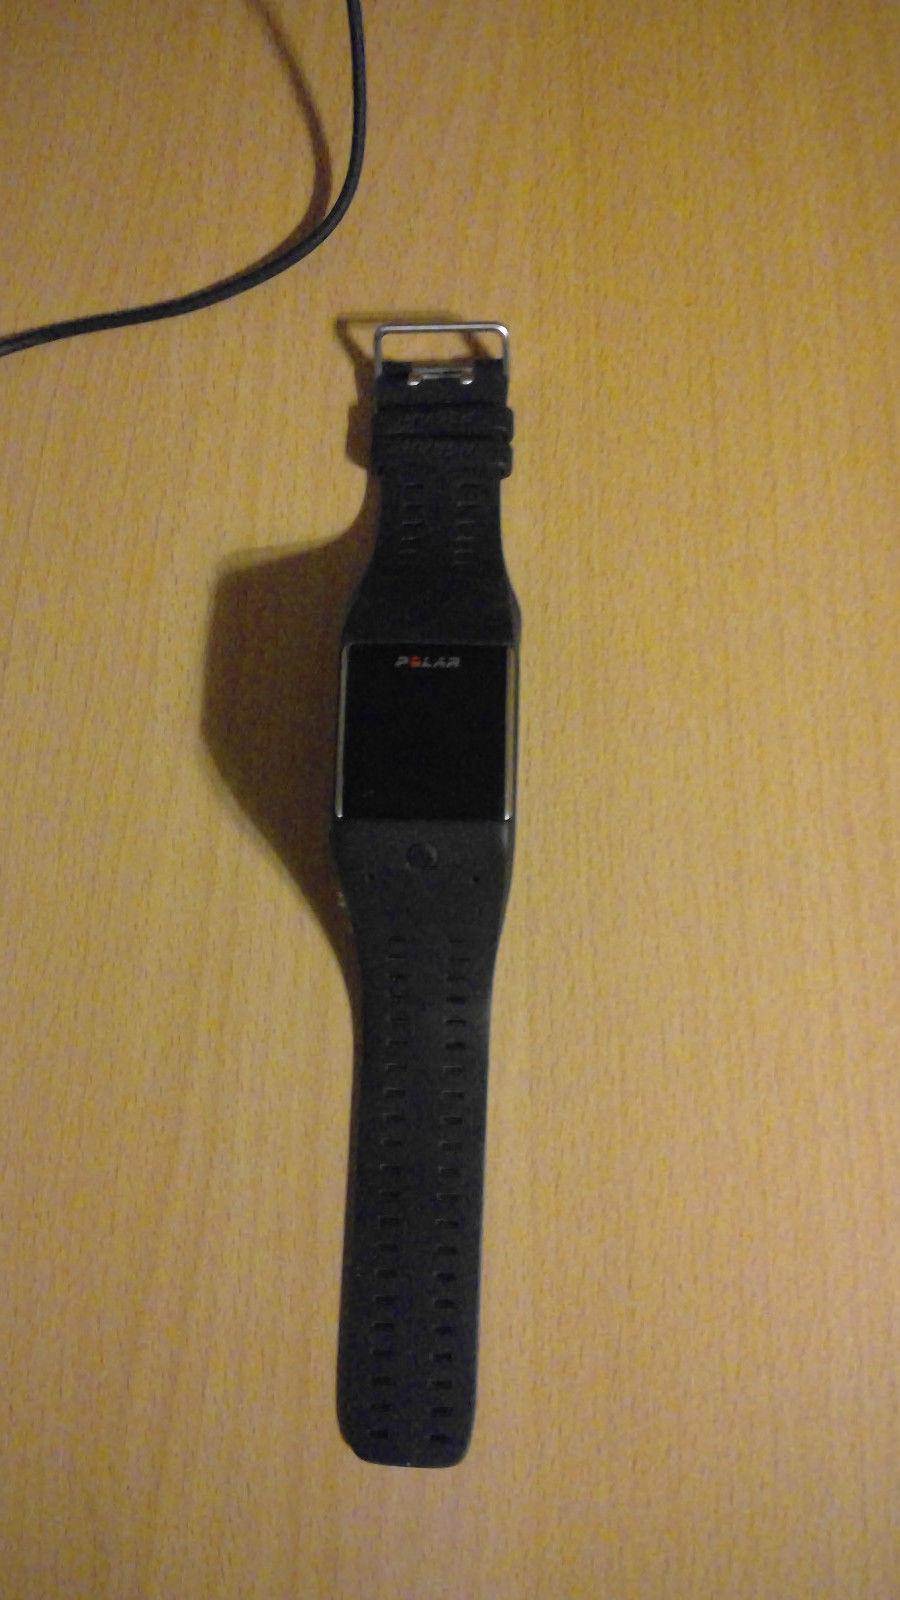 Polar M600 Smartwatch Schwarz - selten genutzt ohne Mängel